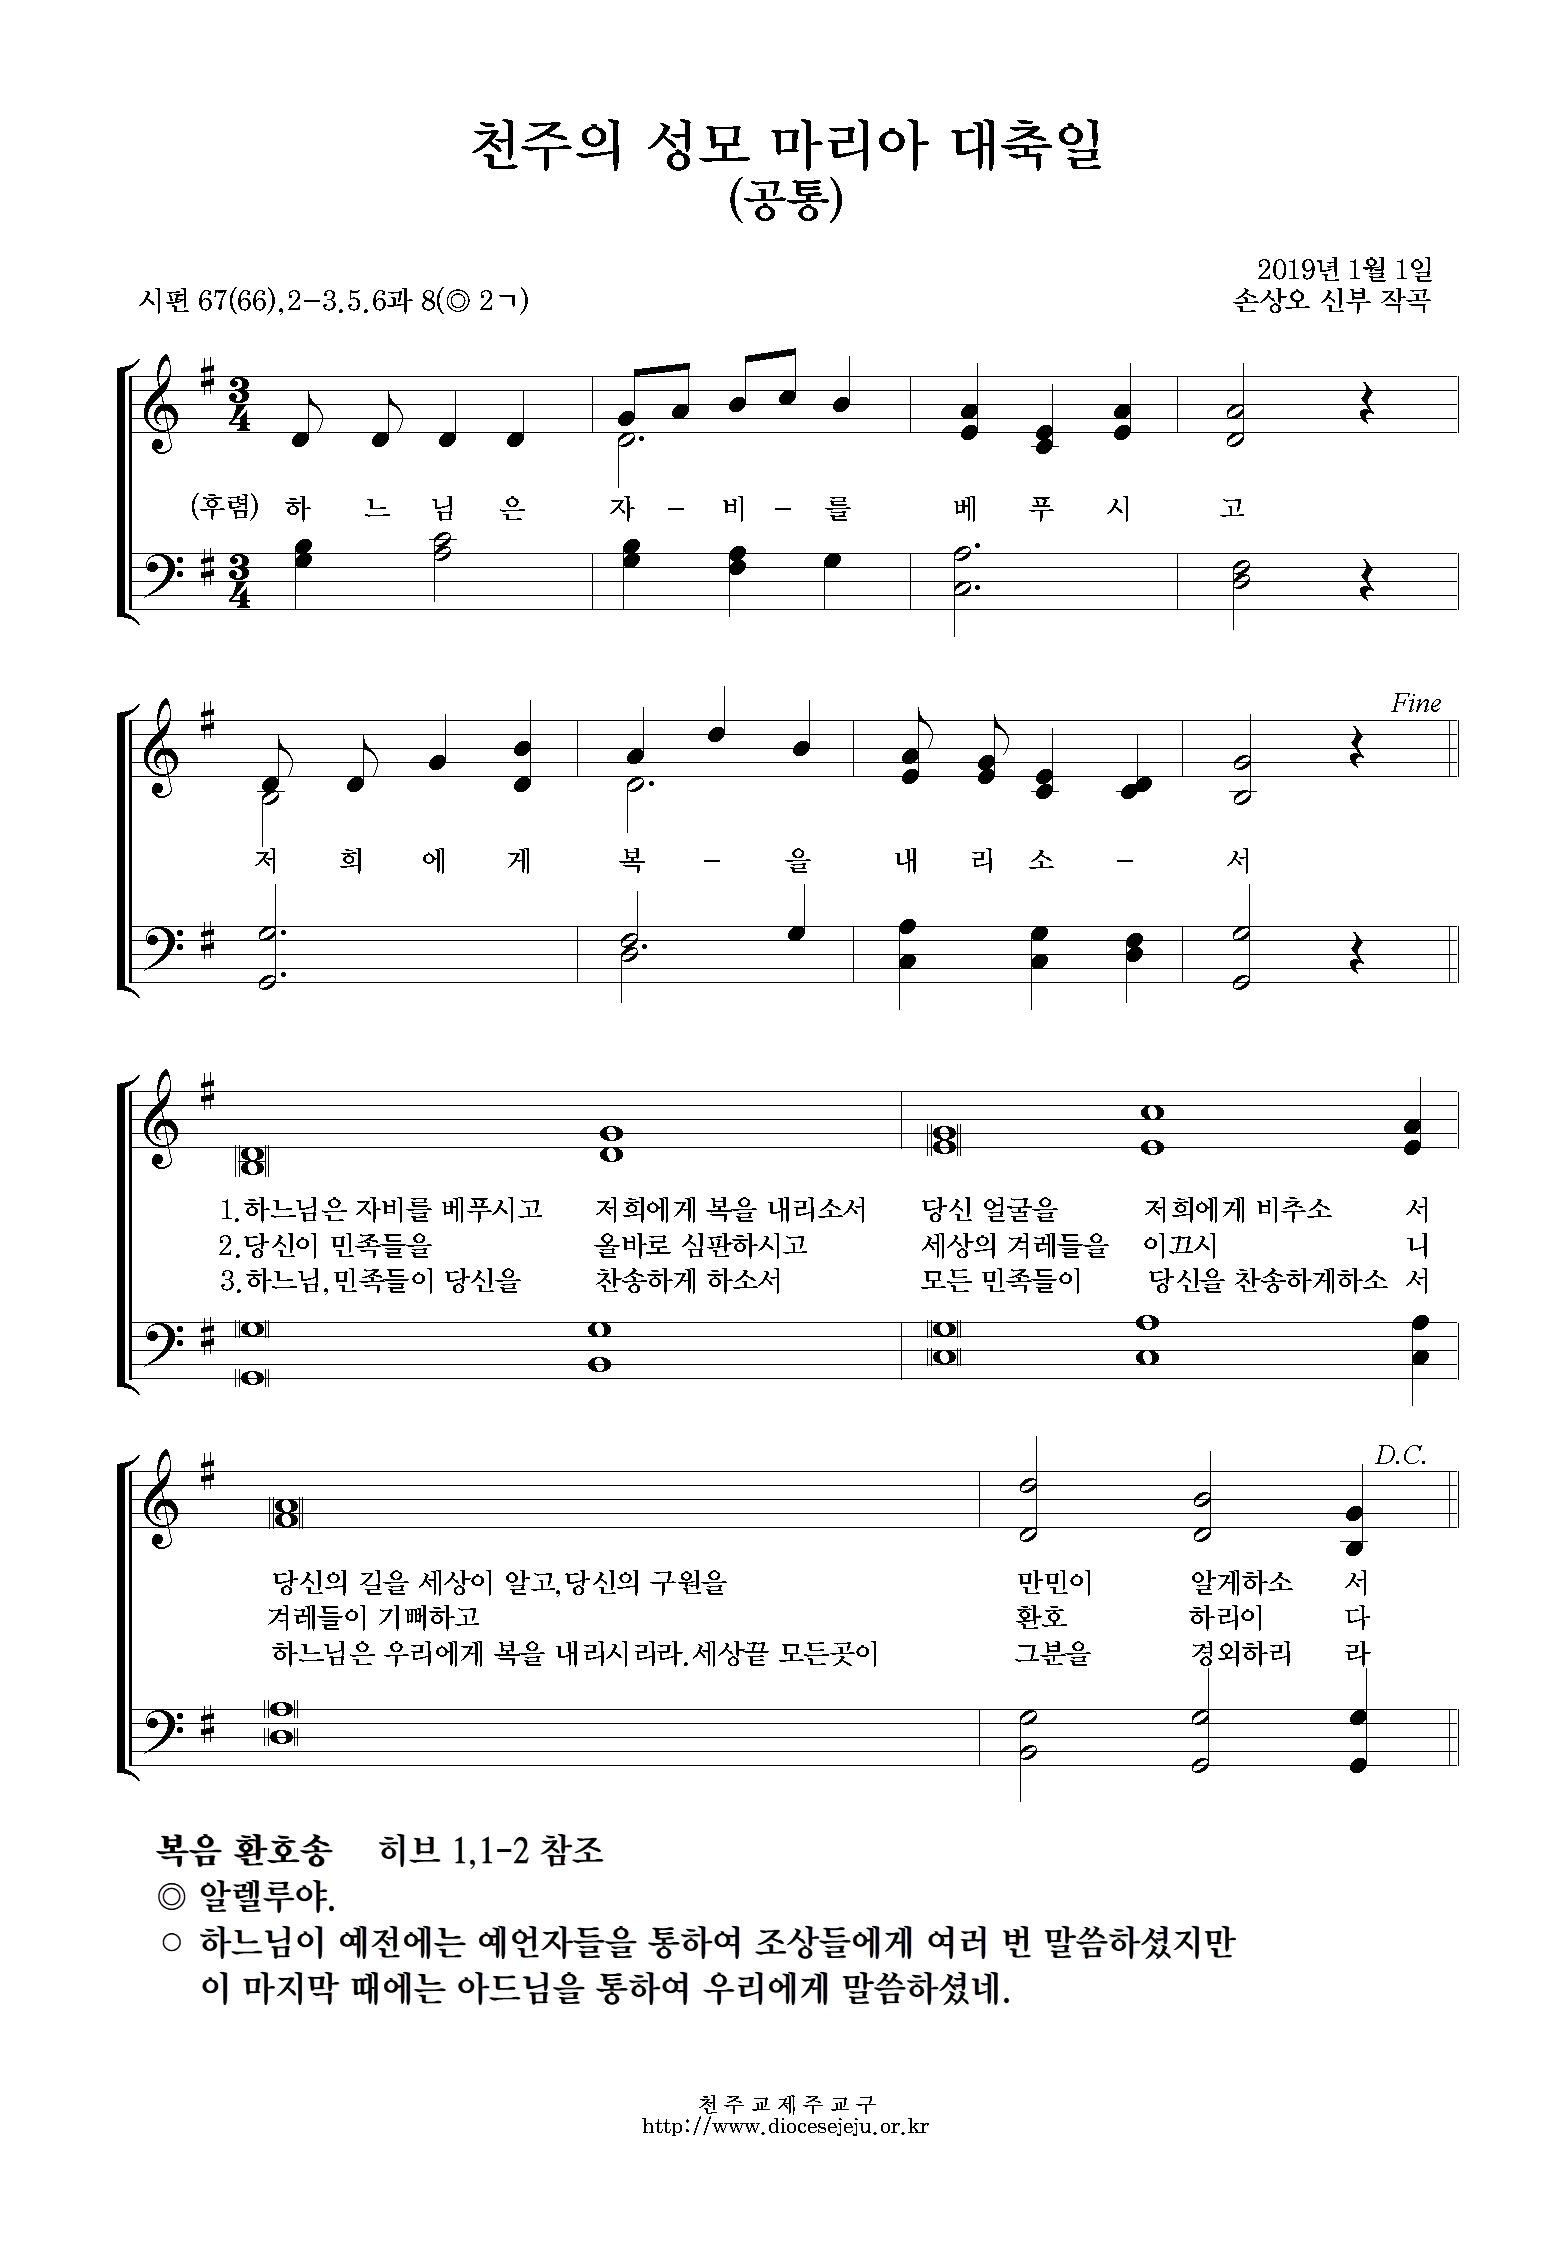 20190101-천주의성모마리아대축일(공통).jpg